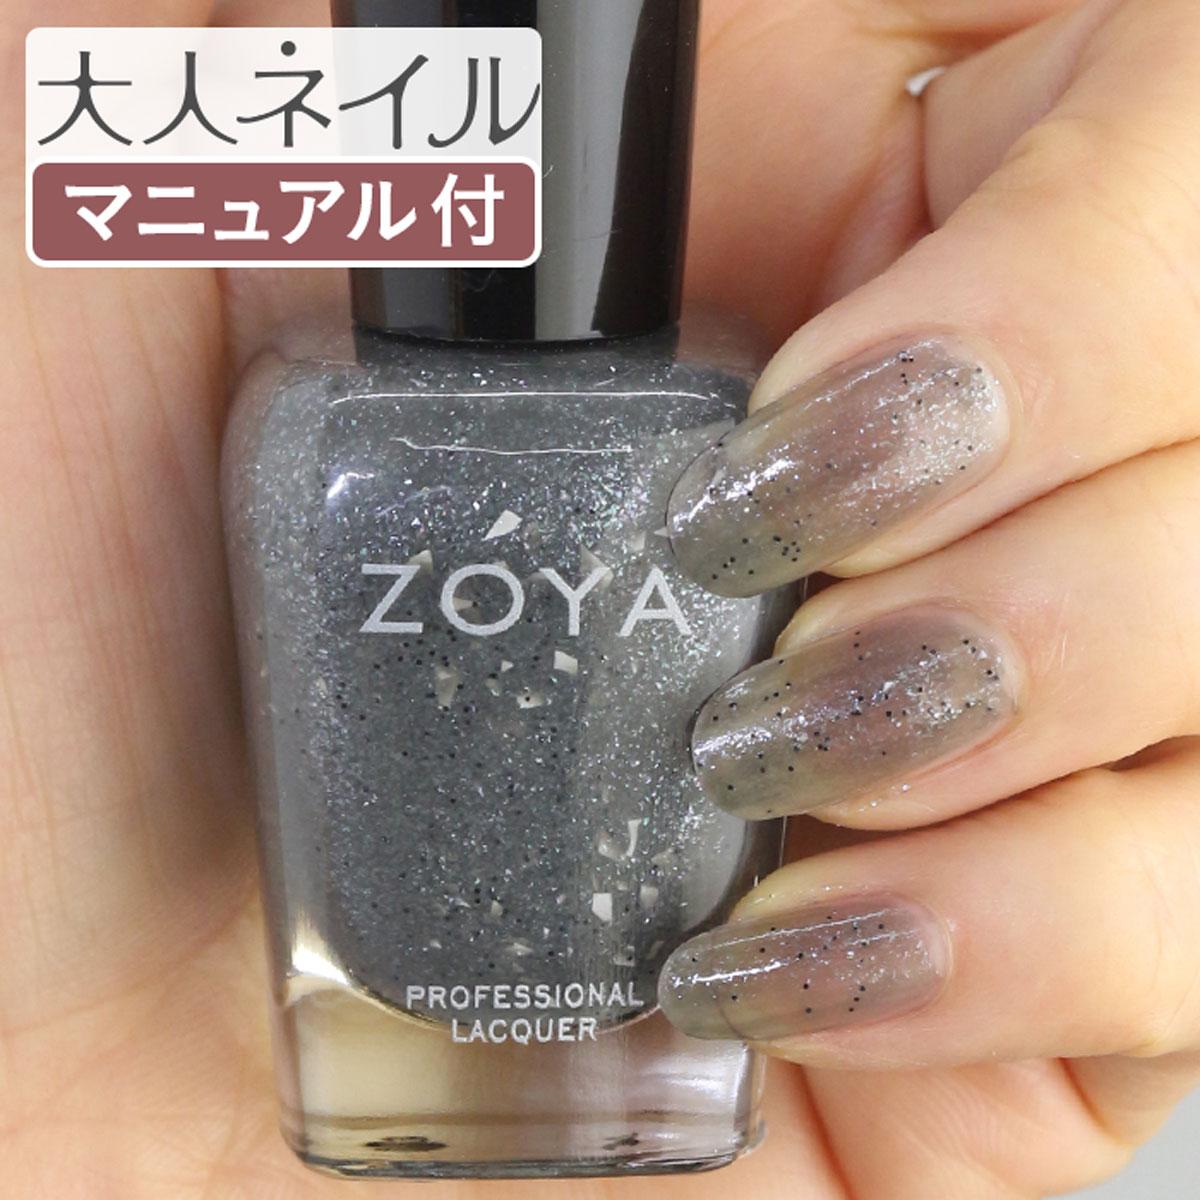 ZOYA ゾーヤ ゾヤ ネイルカラー ZP983 15mL Theo 自爪 の為に作られた ネイル にやさしい 自然派 マニキュア zoya セルフネイル にもおすすめ グリッター ダークブルー グレー 冬ネイル 冬カラー